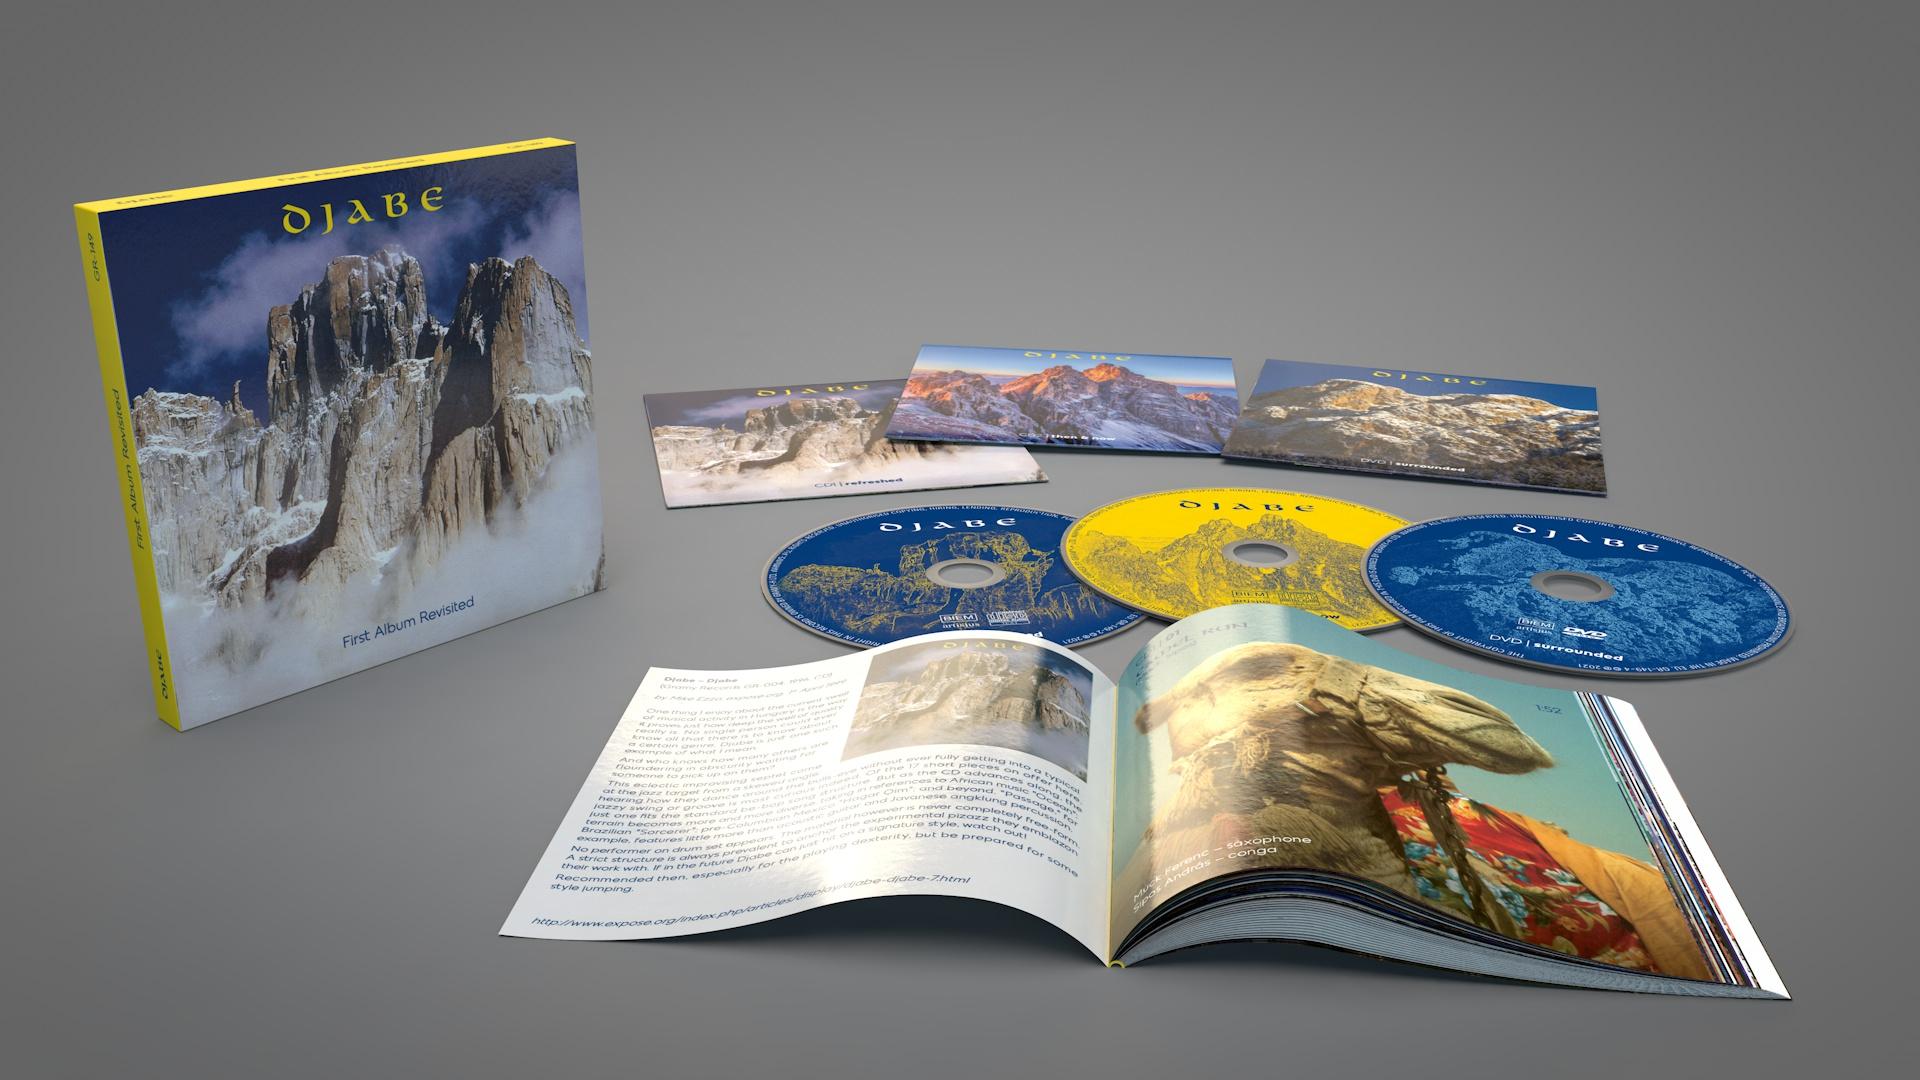 Djabe_First_Album_Revisited_3D_mockup_v1_3